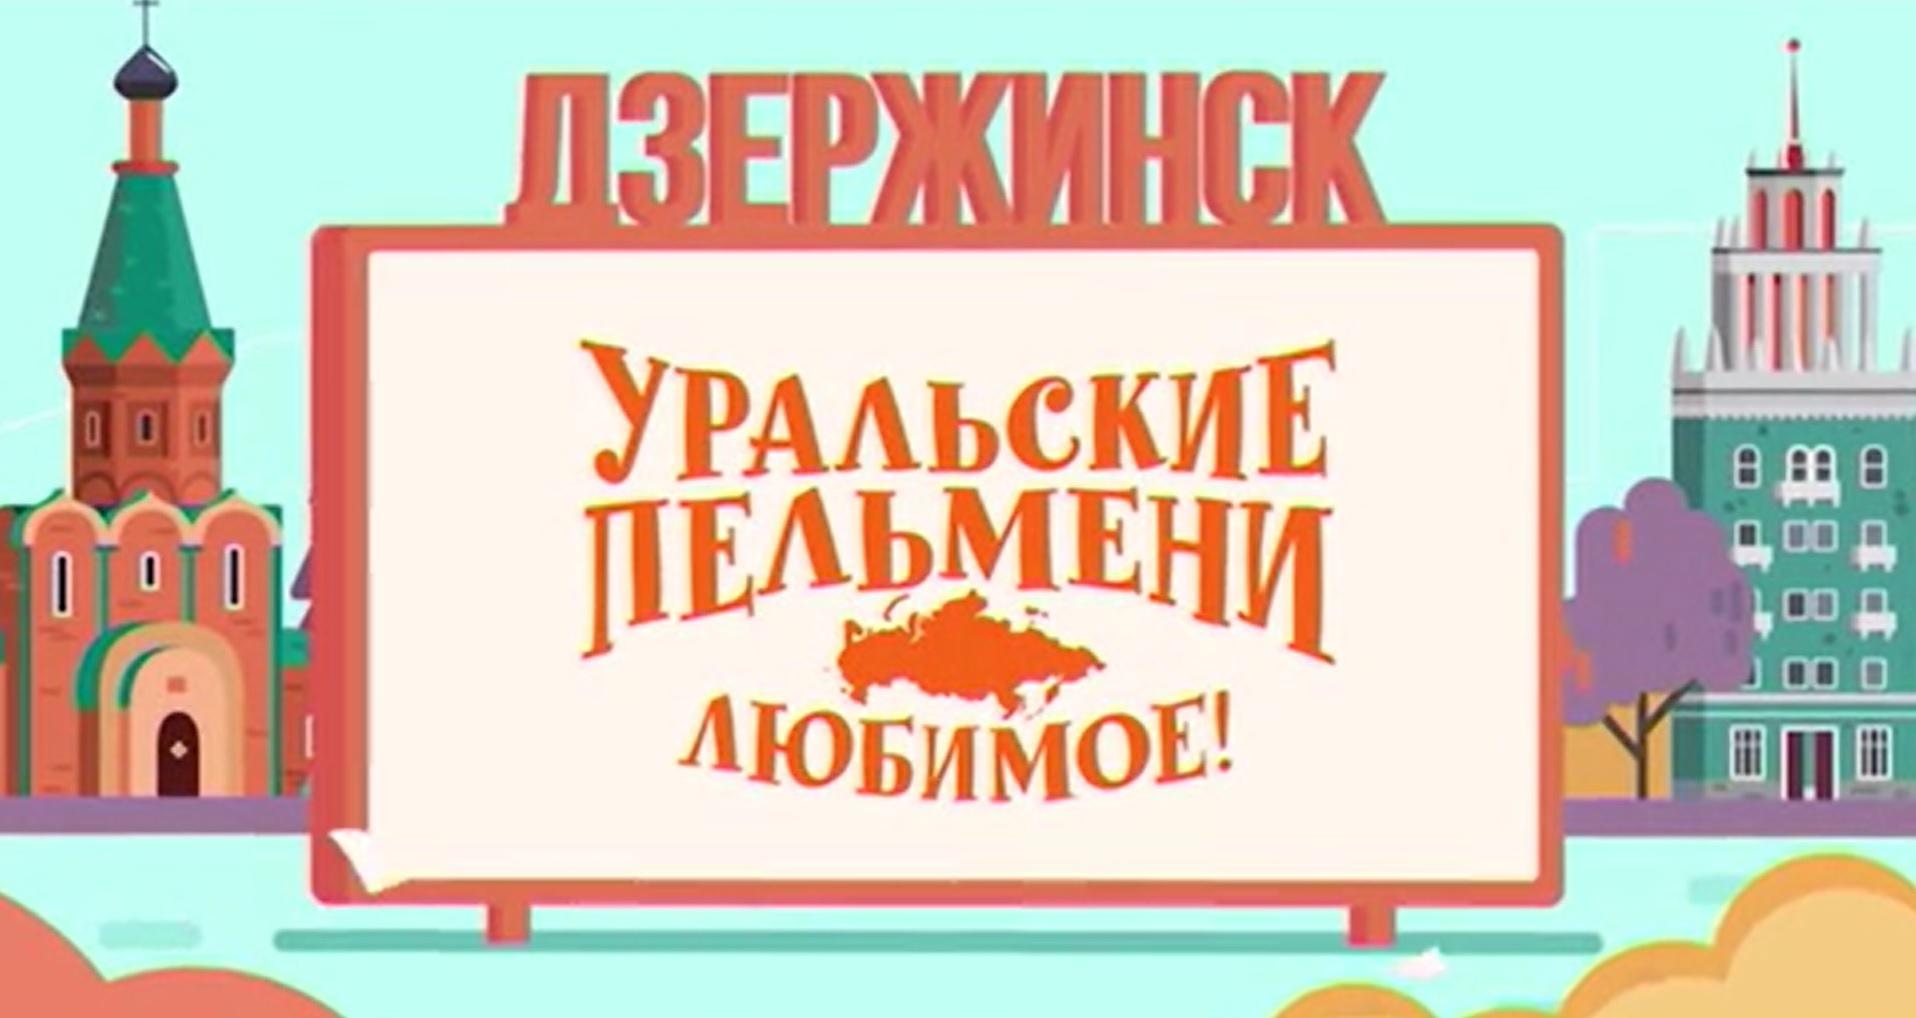 Творческий коллектив Уральские Пельмени Уральские пельмени. Любимое. Дзержинск творческий коллектив уральские пельмени уральские пельмени любимое тюмень